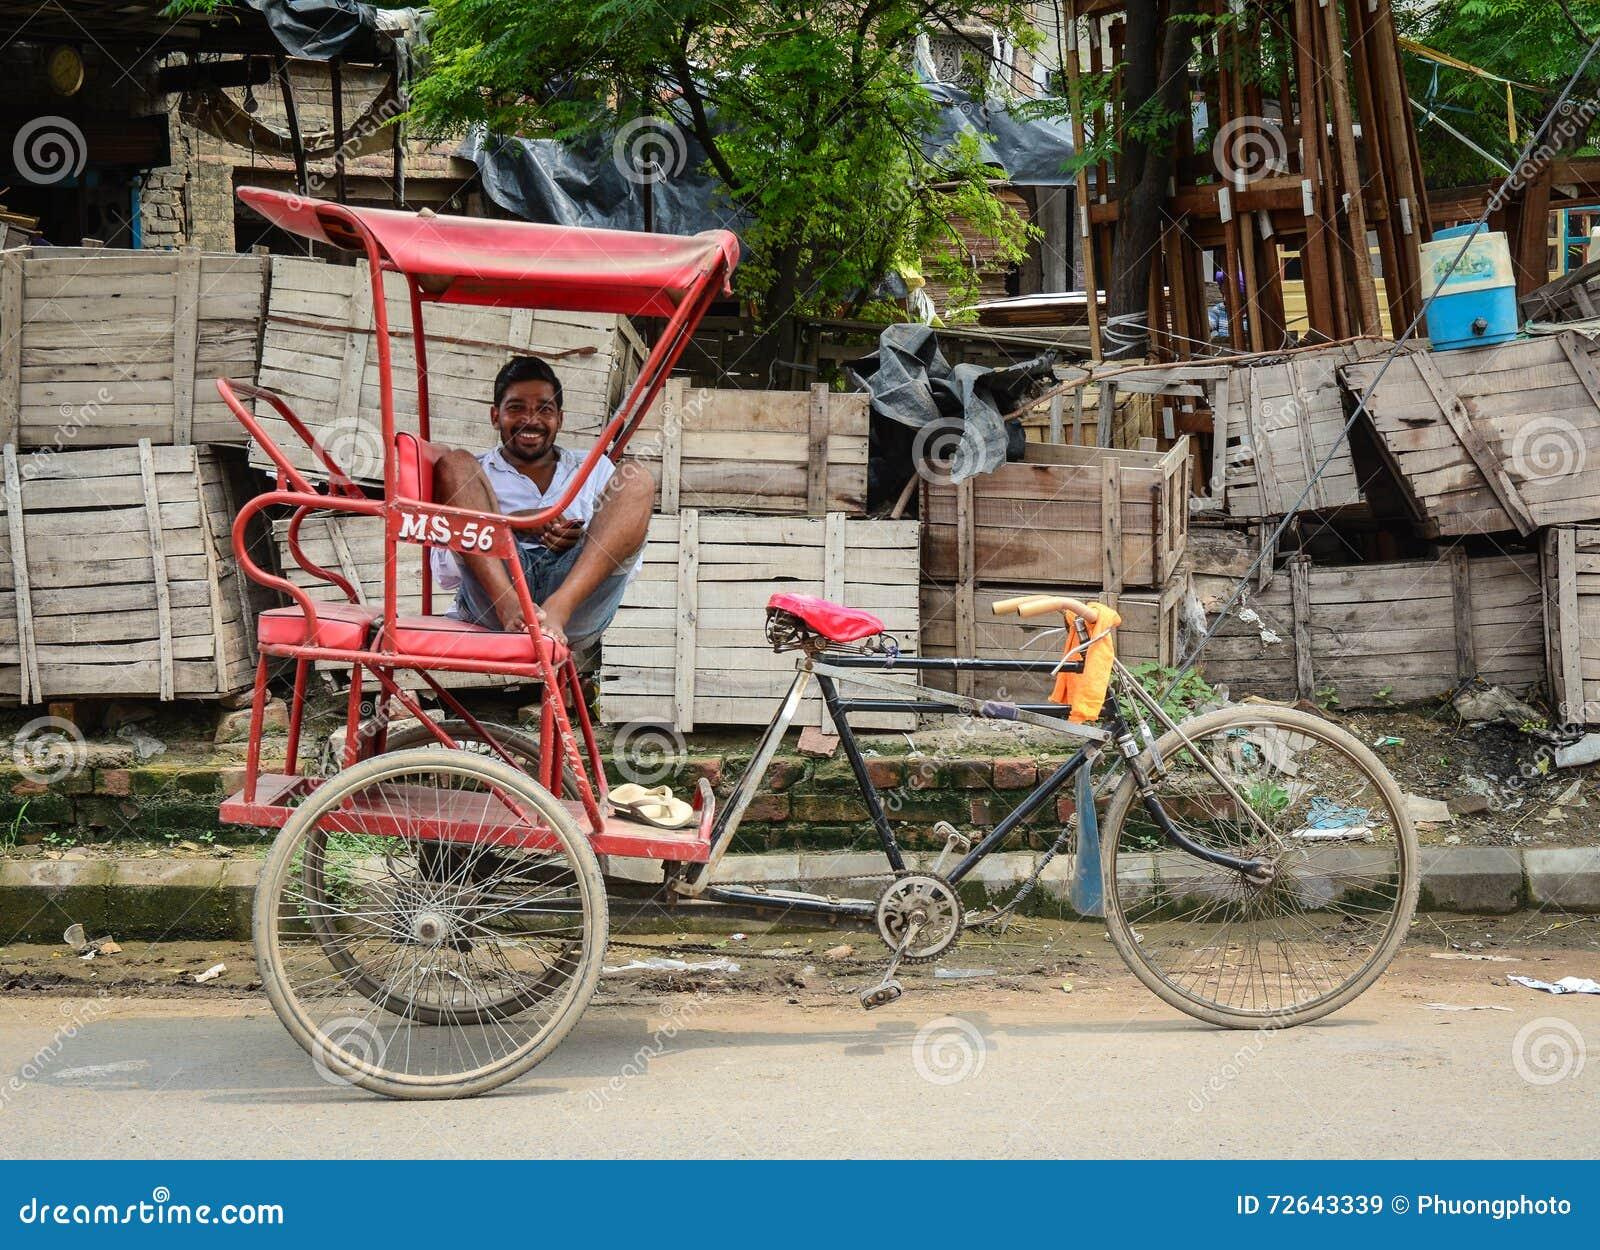 Un homme avec le tricycle sur la rue à Amritsar, Inde